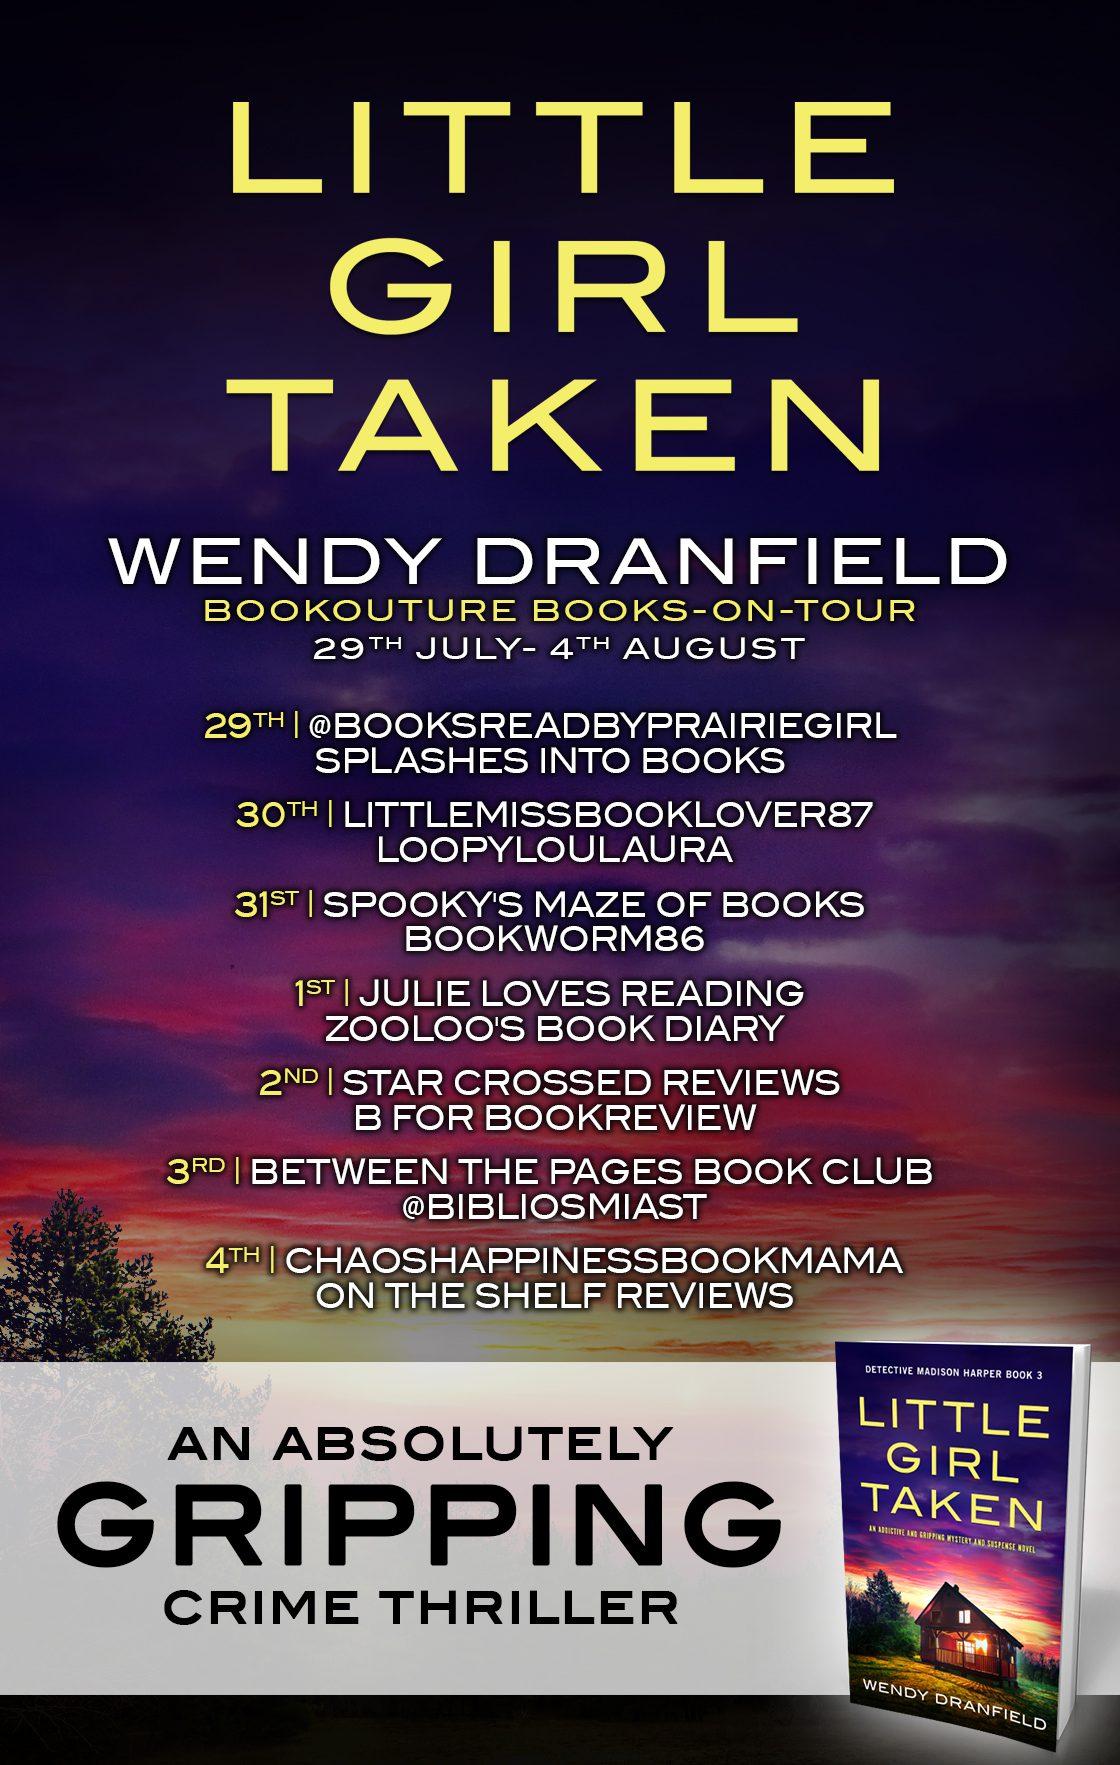 Little Girl Taken blog tour banner